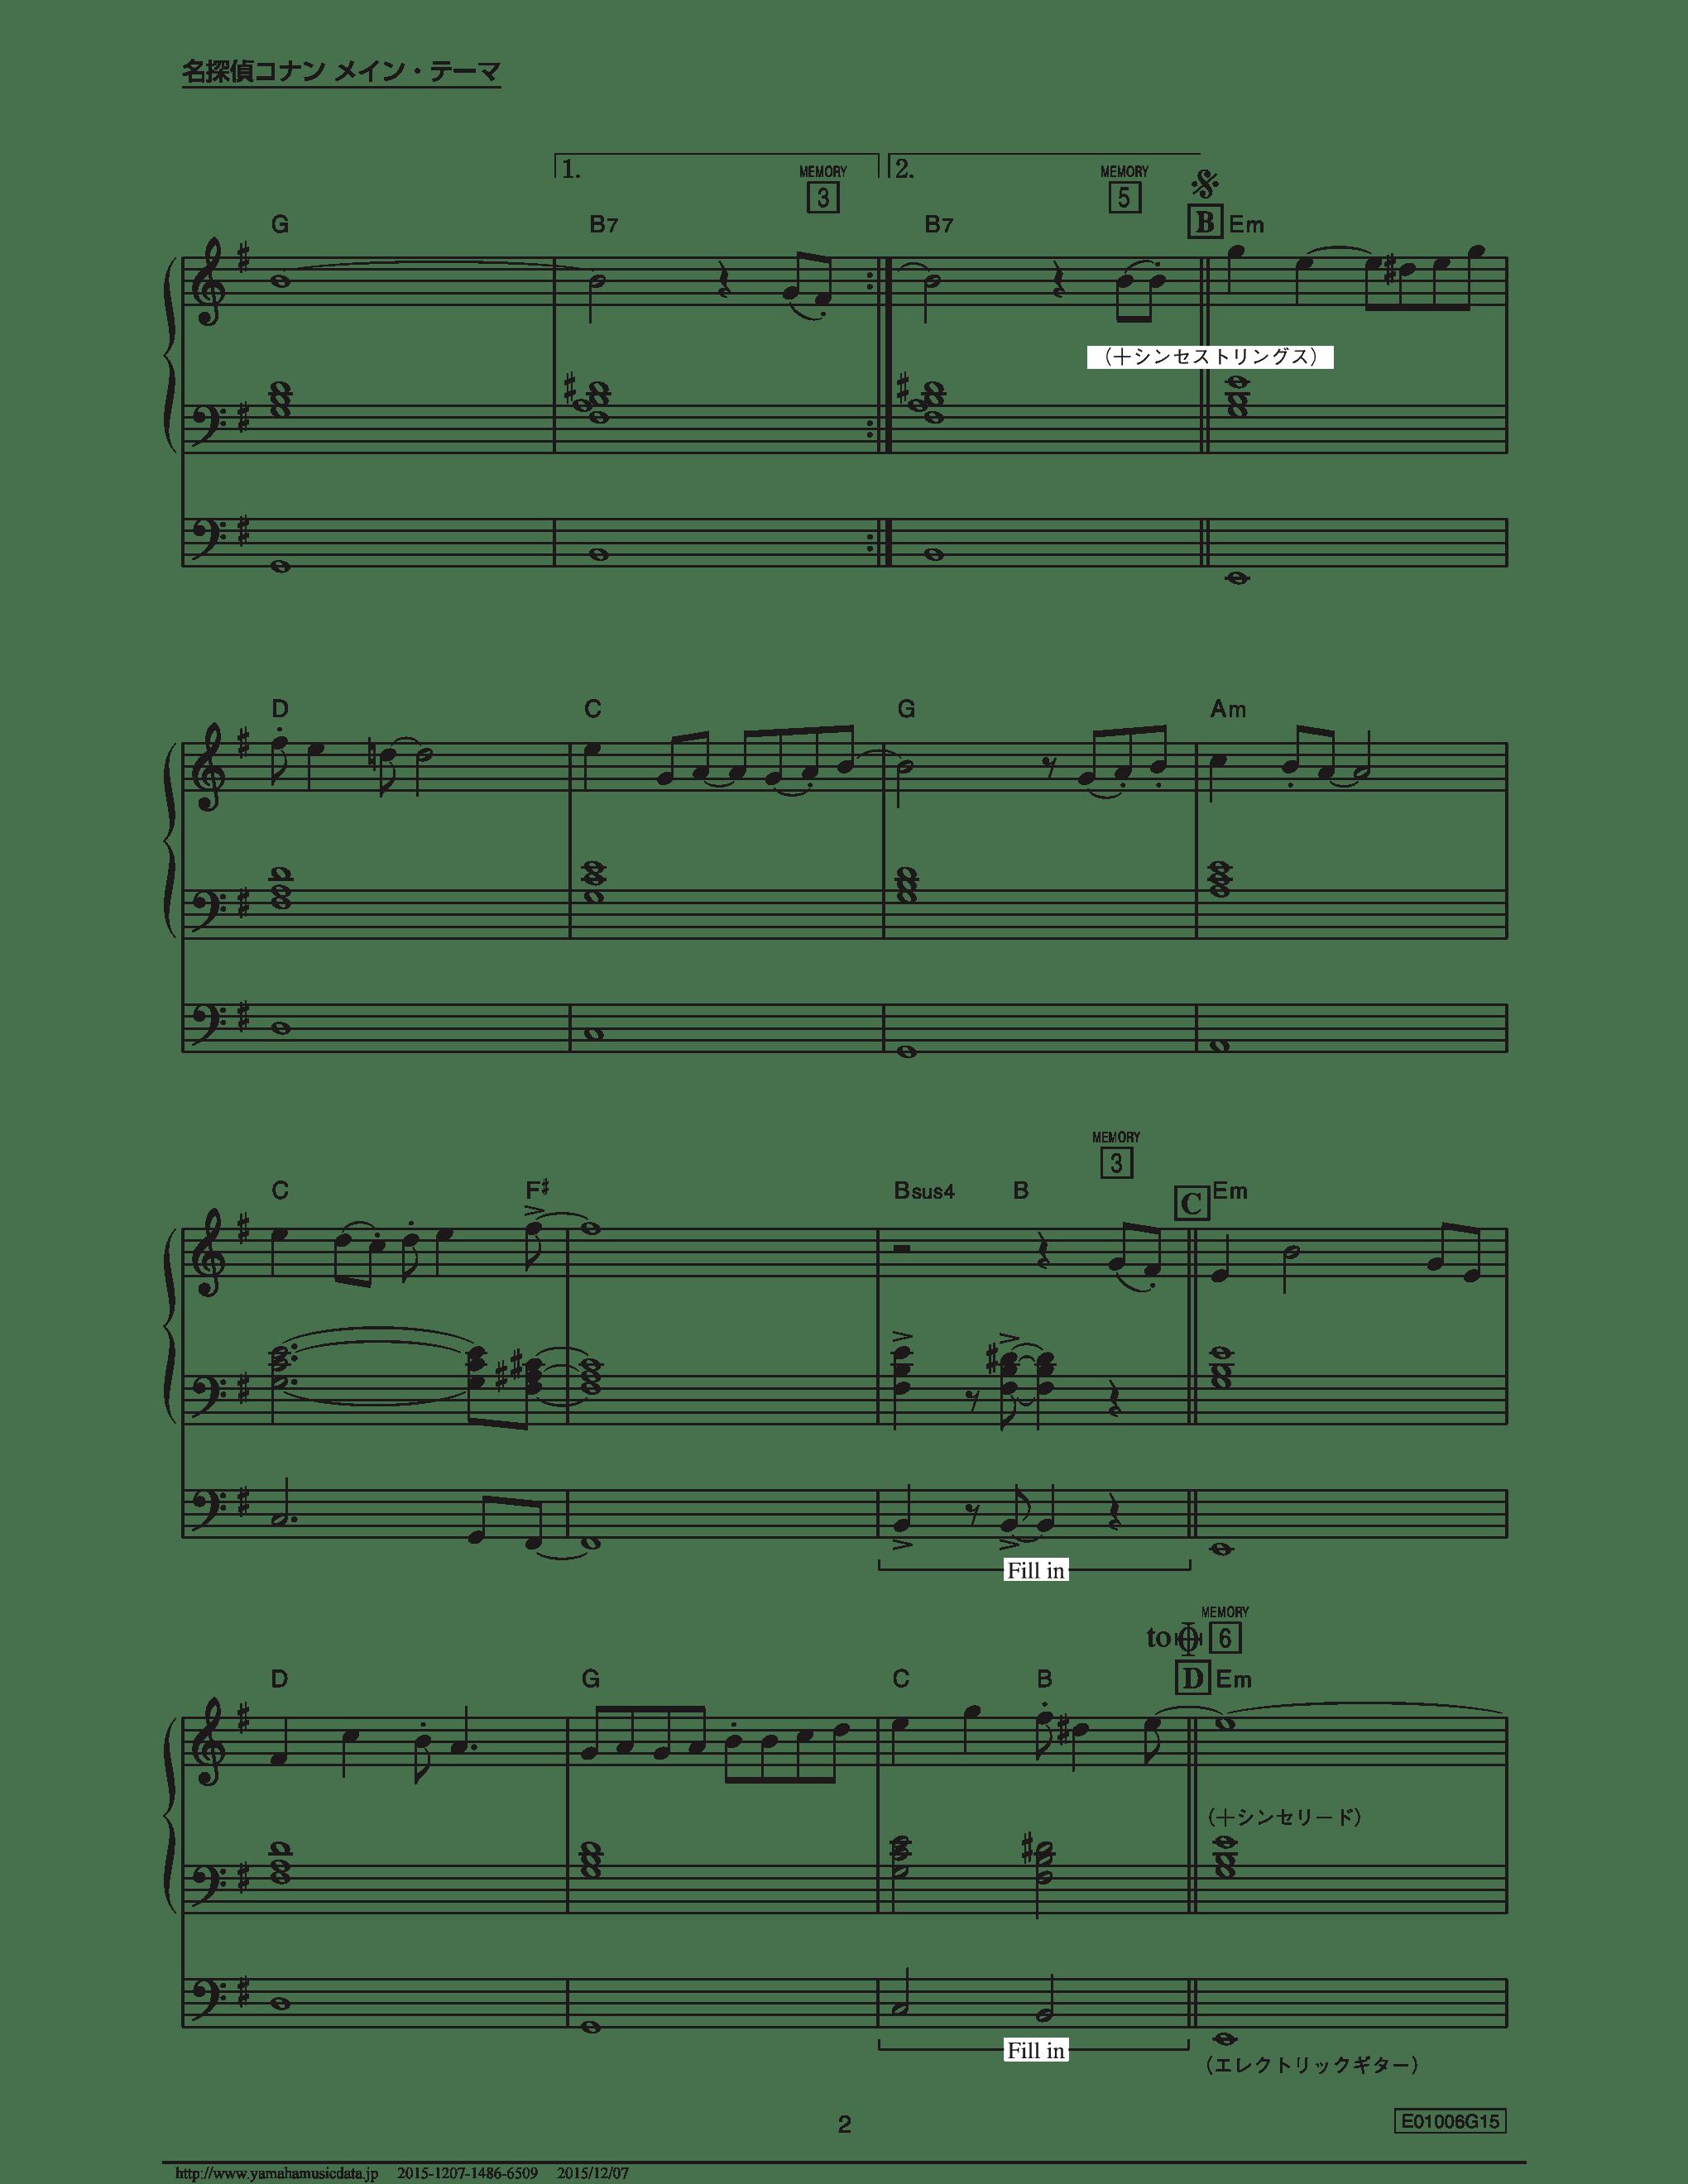 名侦探柯南主题曲(电子琴谱)吉他谱2